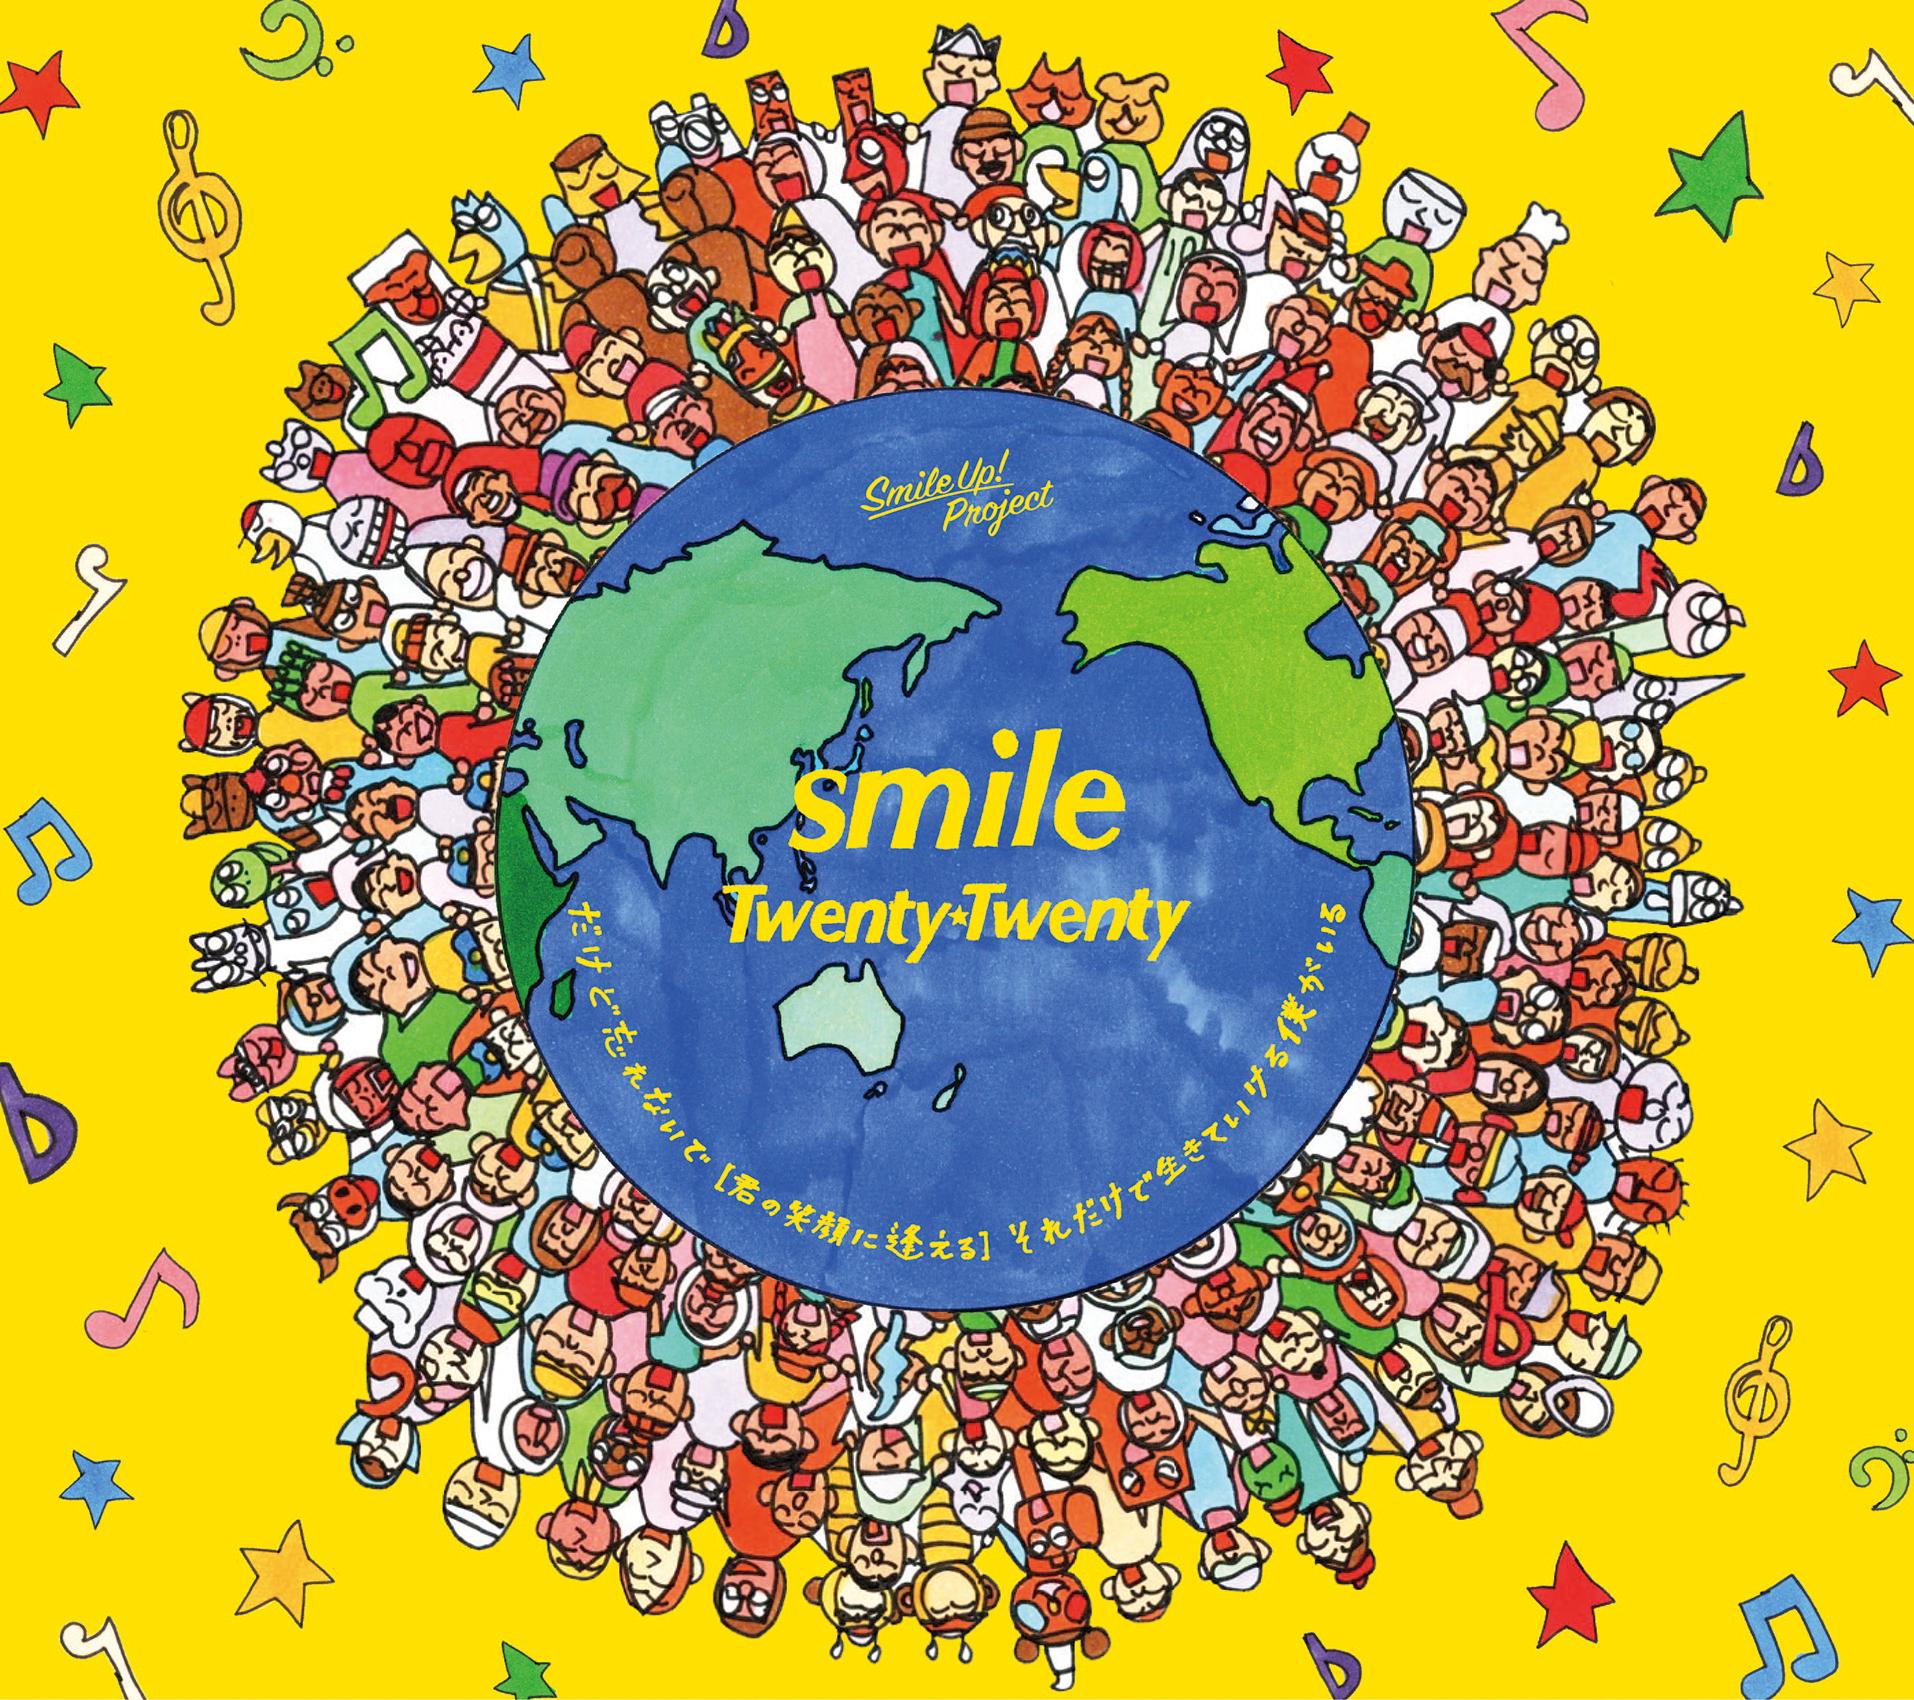 Twenty☆Twenty (トゥエンティー・トゥエンティー) チャリティーソング『smile』(2020年8月12日発売) 高画質CDジャケット画像 (ジャケ写)